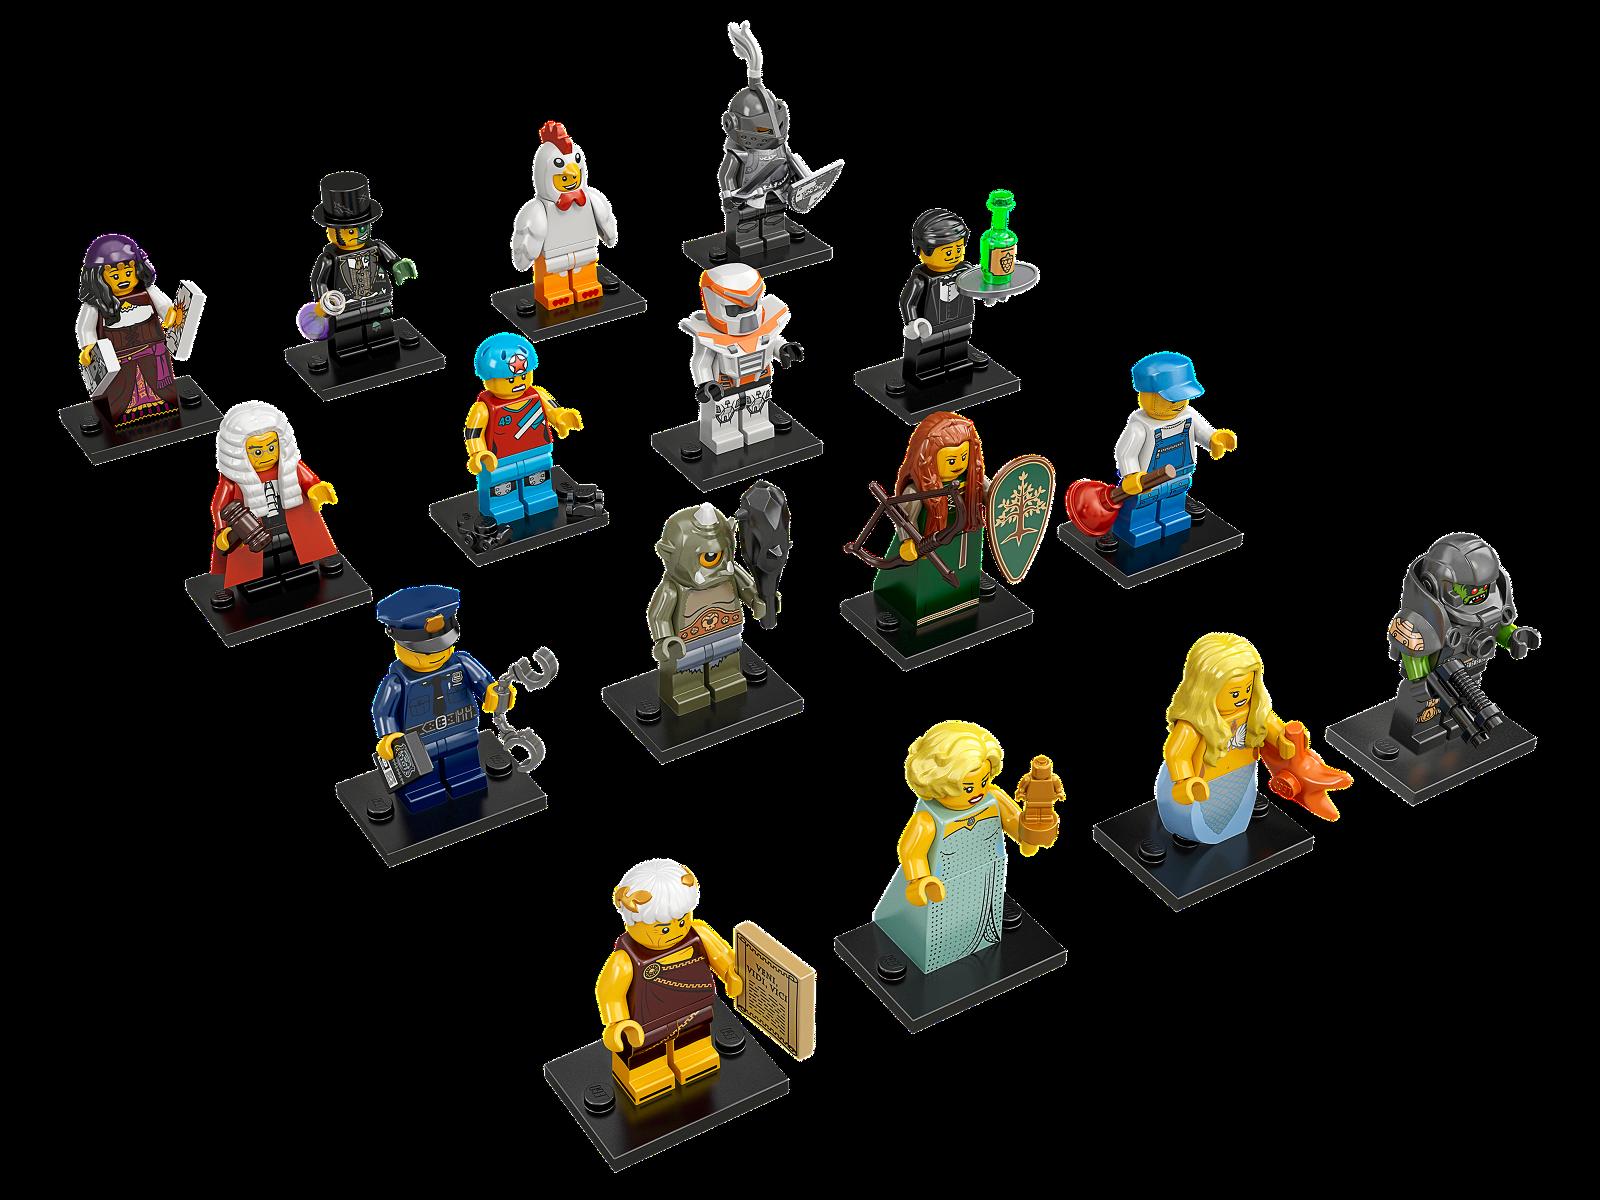 LEGO SERIE 17 #9 Le Parisien CONNOISSEUR TORSE TÊTE JAMBE Minifigure Lot 71018 Figurki LEGO